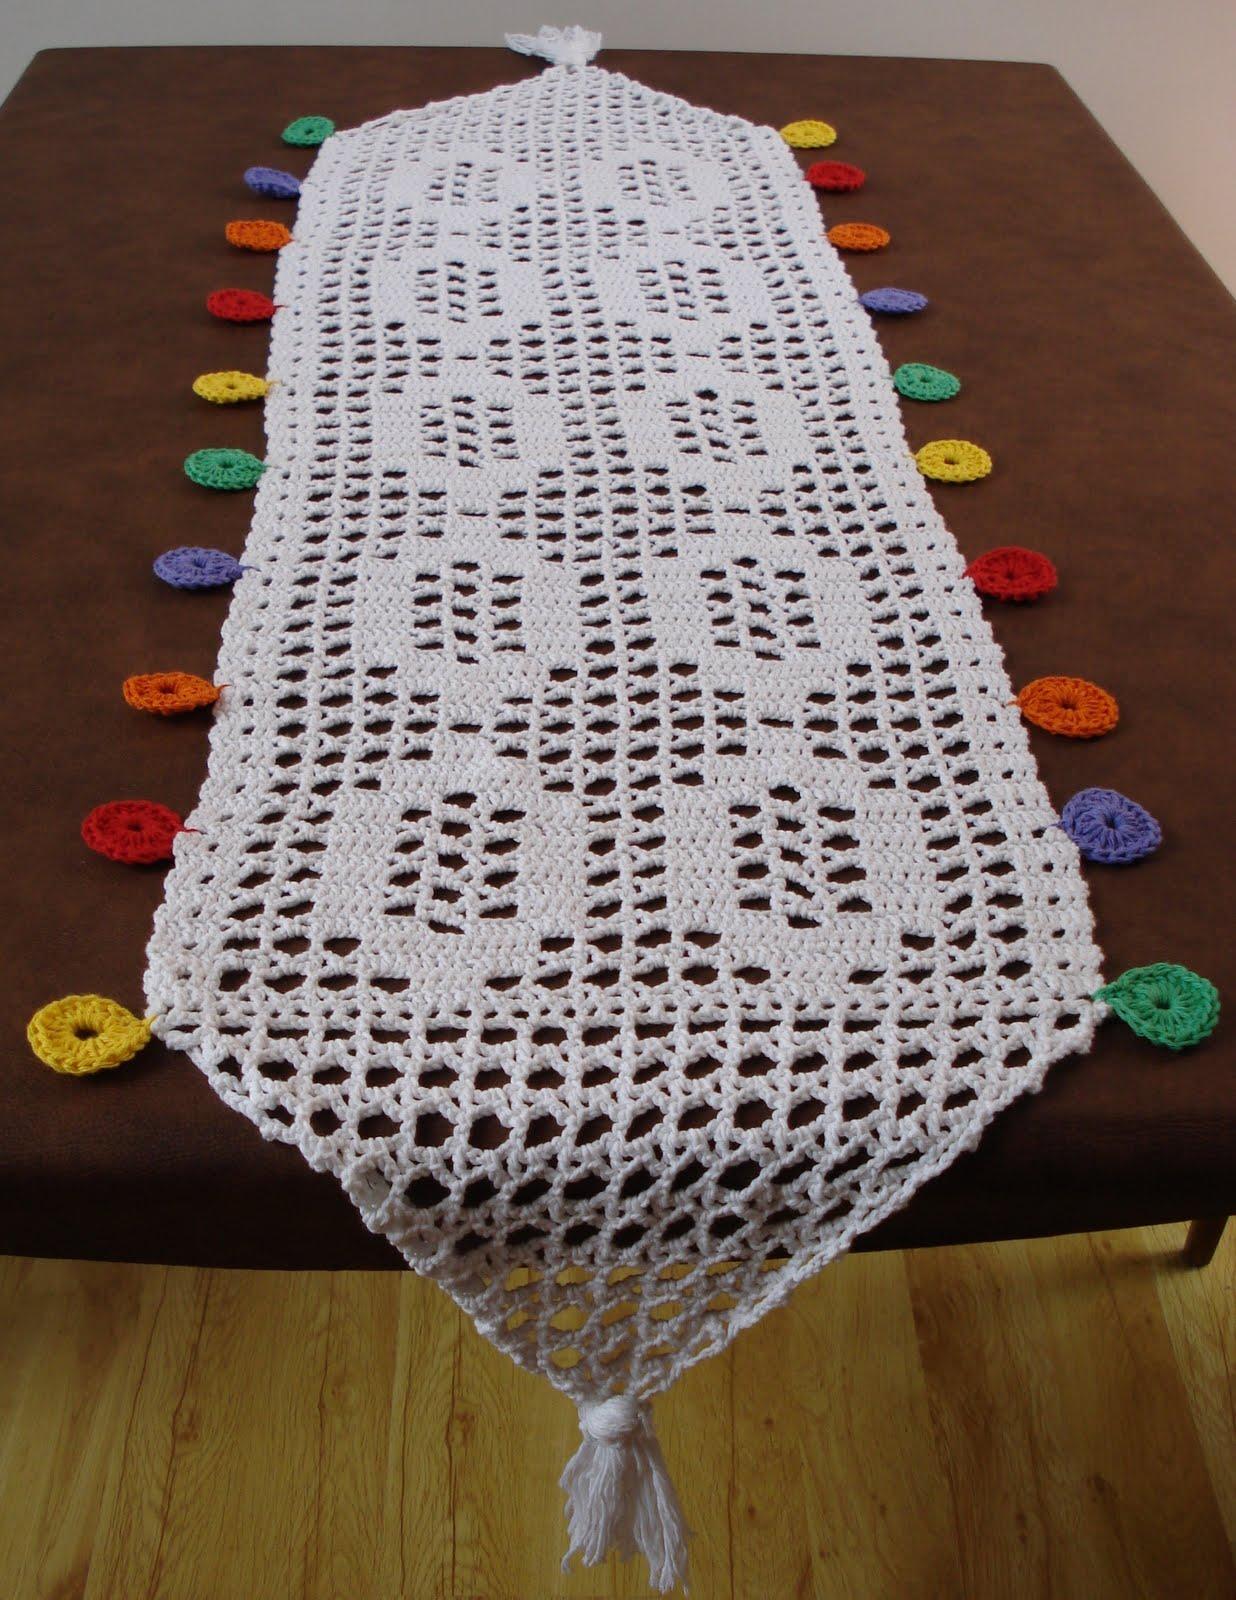 Vistoso Crochet Patrón De Tela De Mesa Componente - Manta de Tejer ...